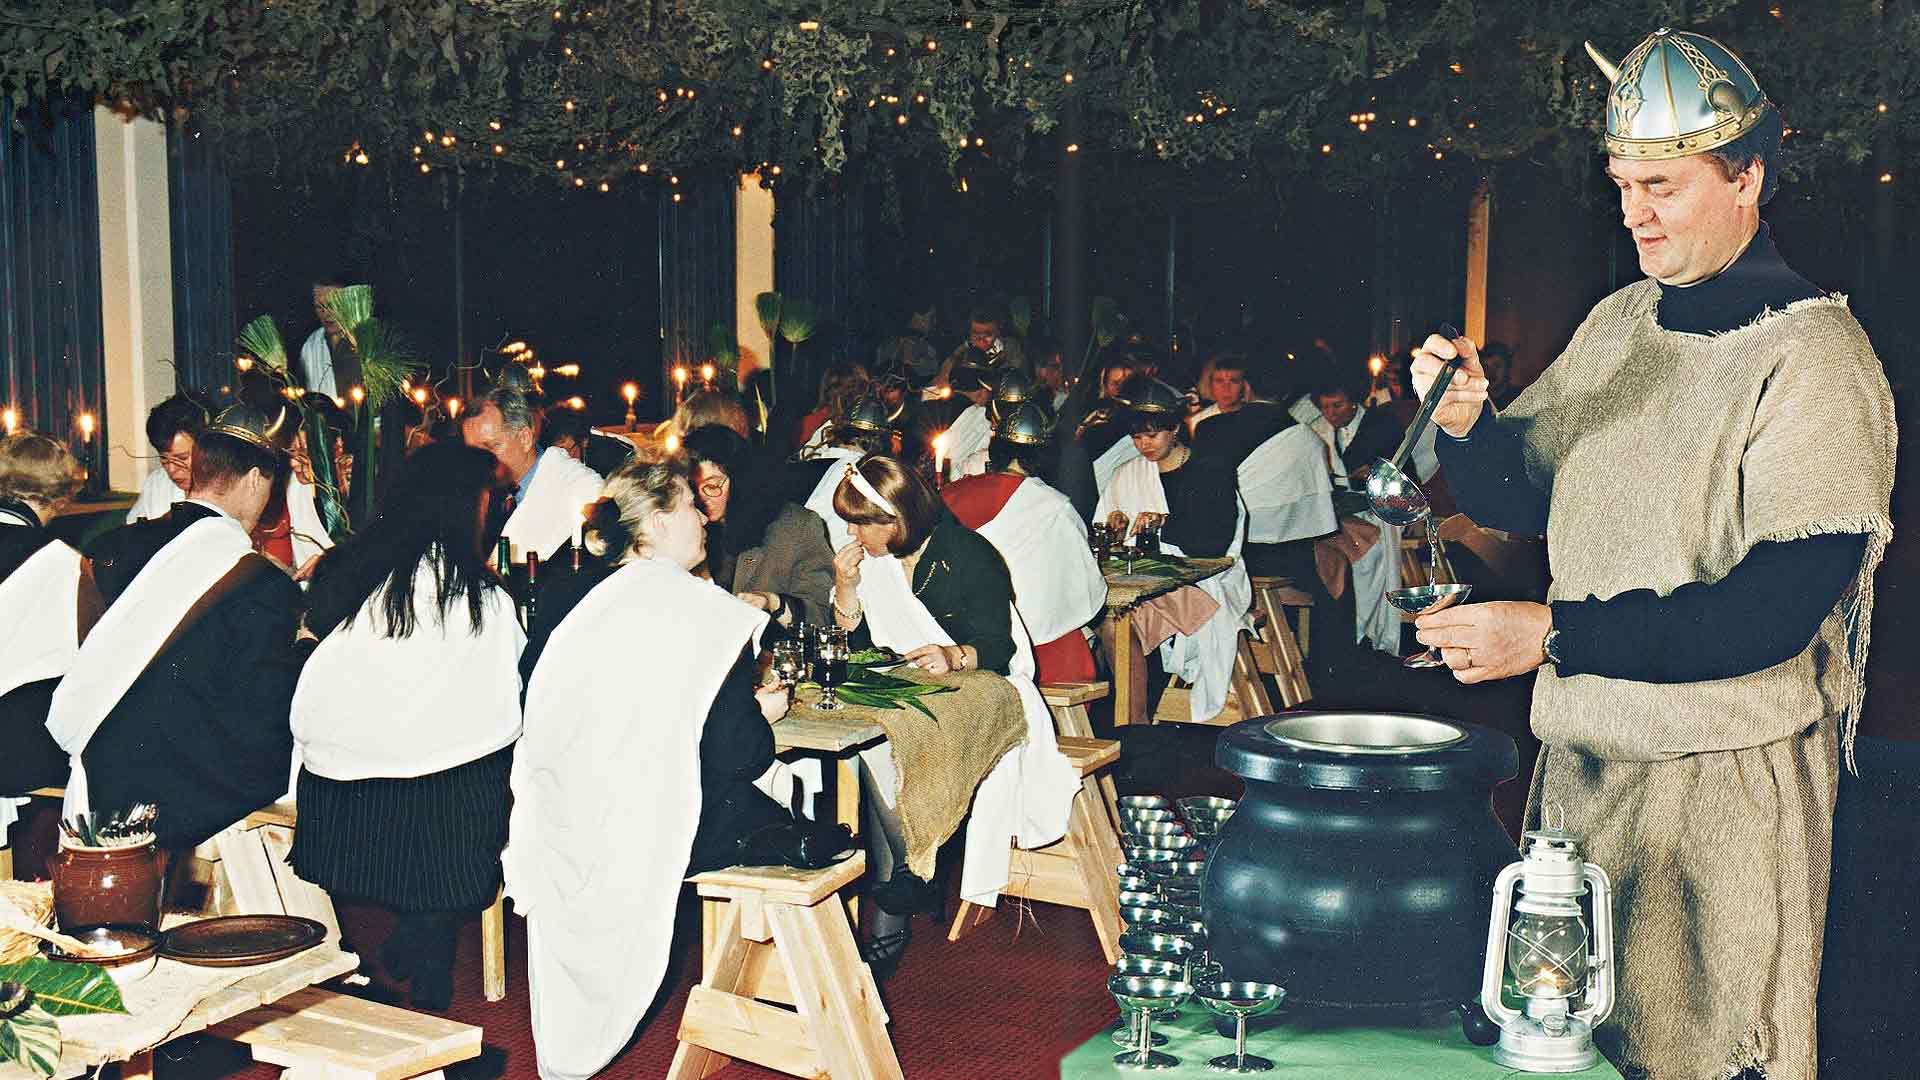 Hovimestari Jorma Vähäkoski kauhoi taikajuomaa Gallialaisessa illassa. Teemaillat olivat suosittuja ja niitä järjestetään asiakkaiden tilauksesta vieläkin.